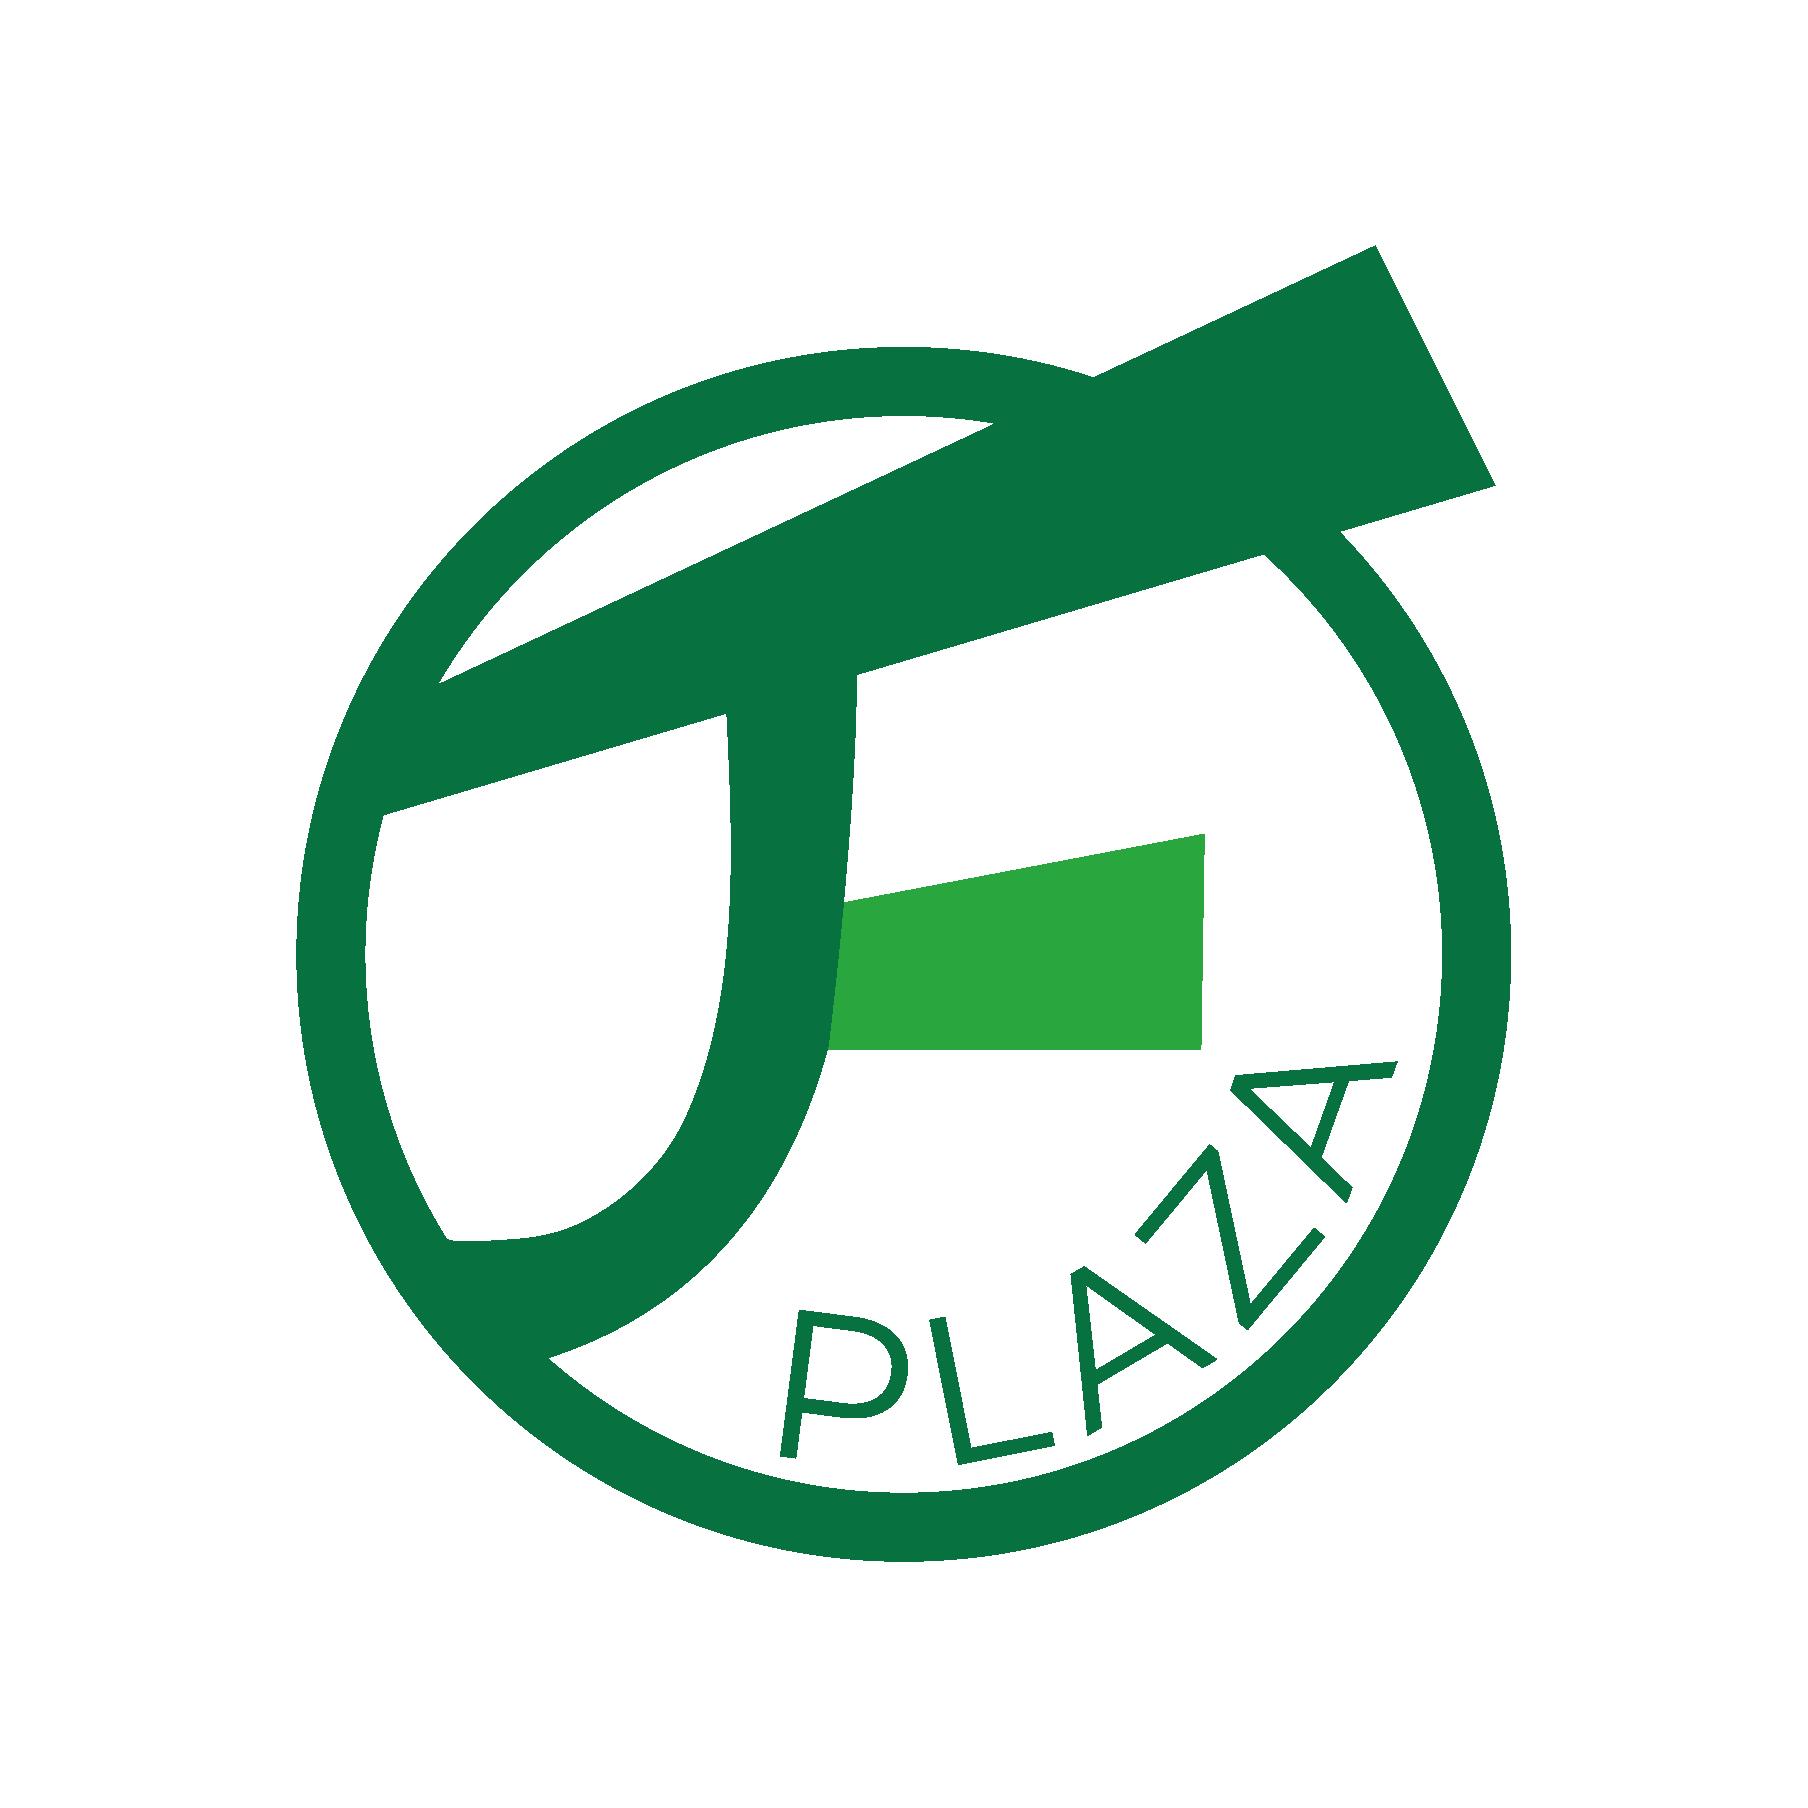 J&F Plaza